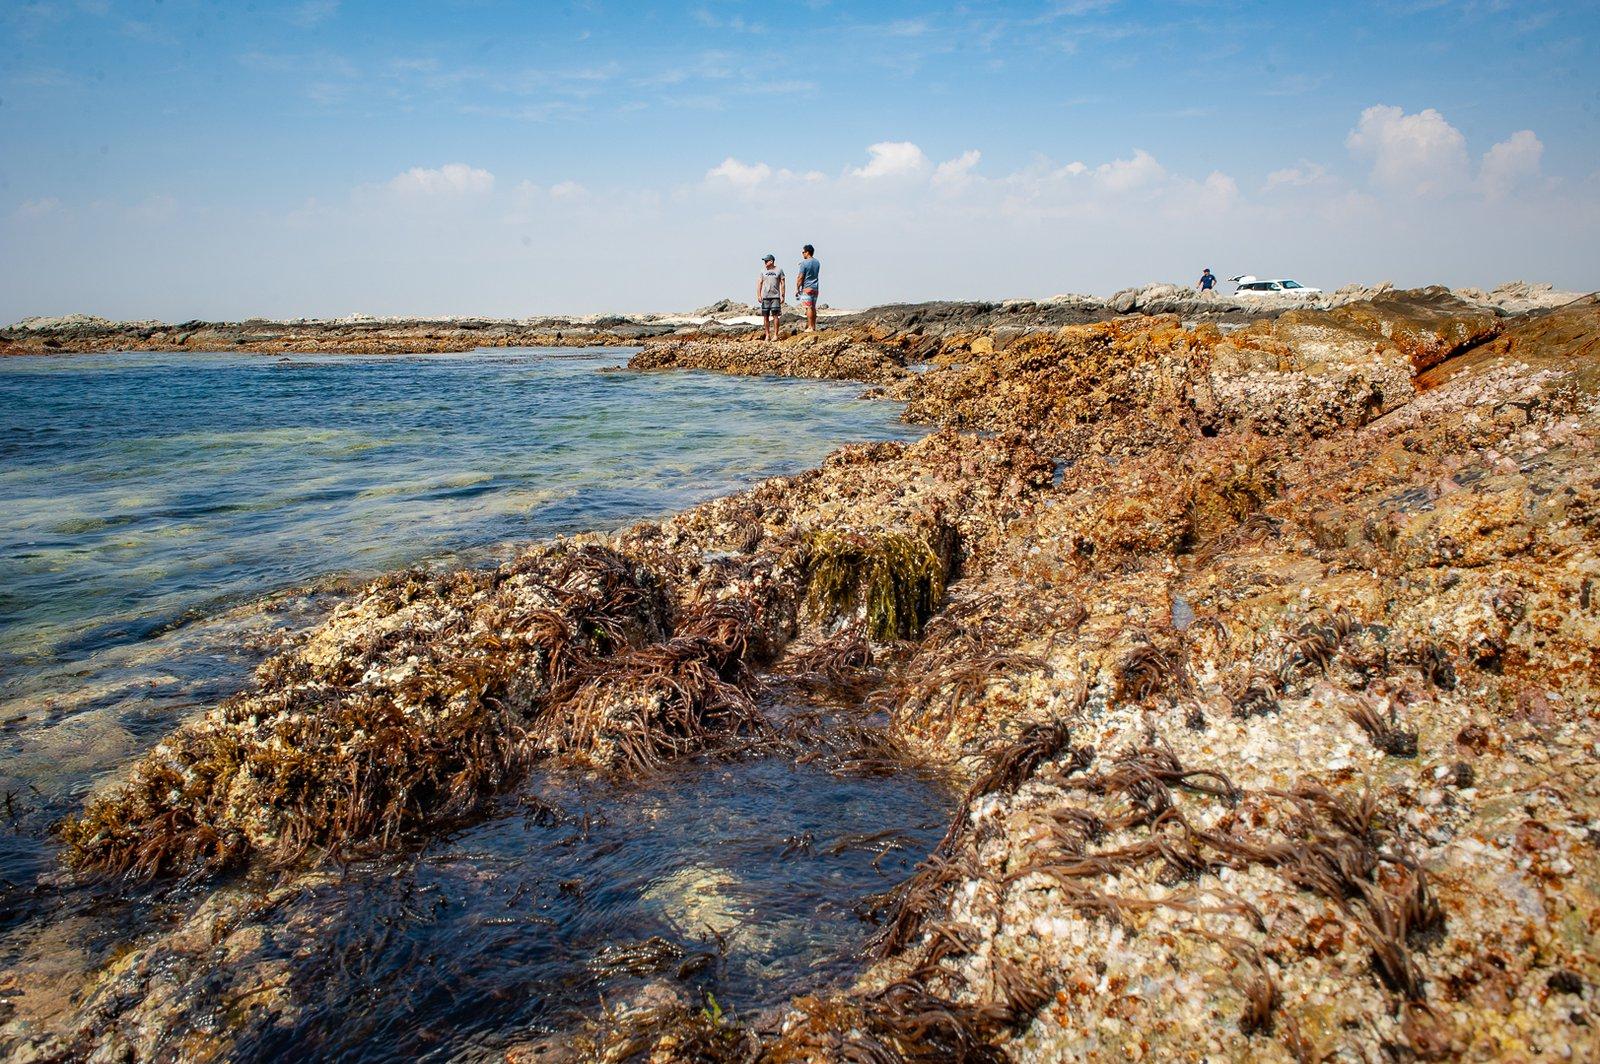 Coral reef survey site, Mirbat, Oman.